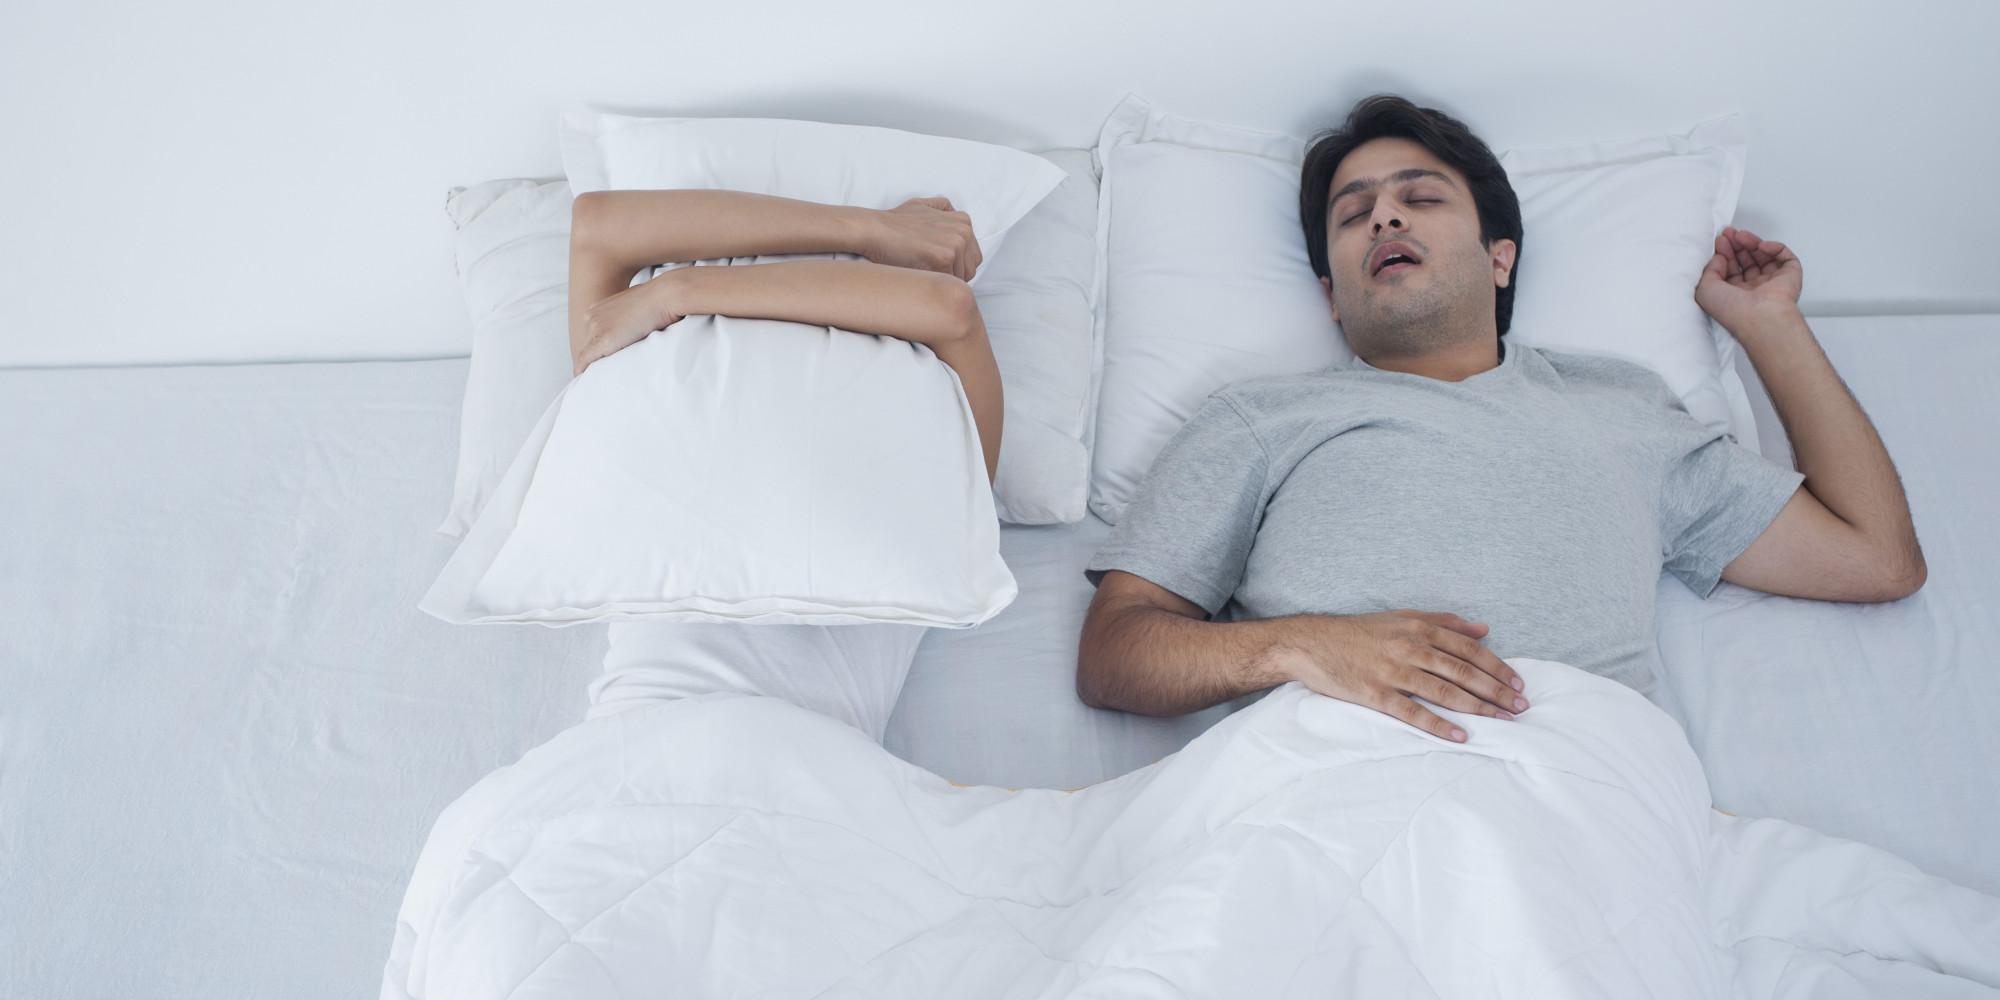 Imagini pentru snoring